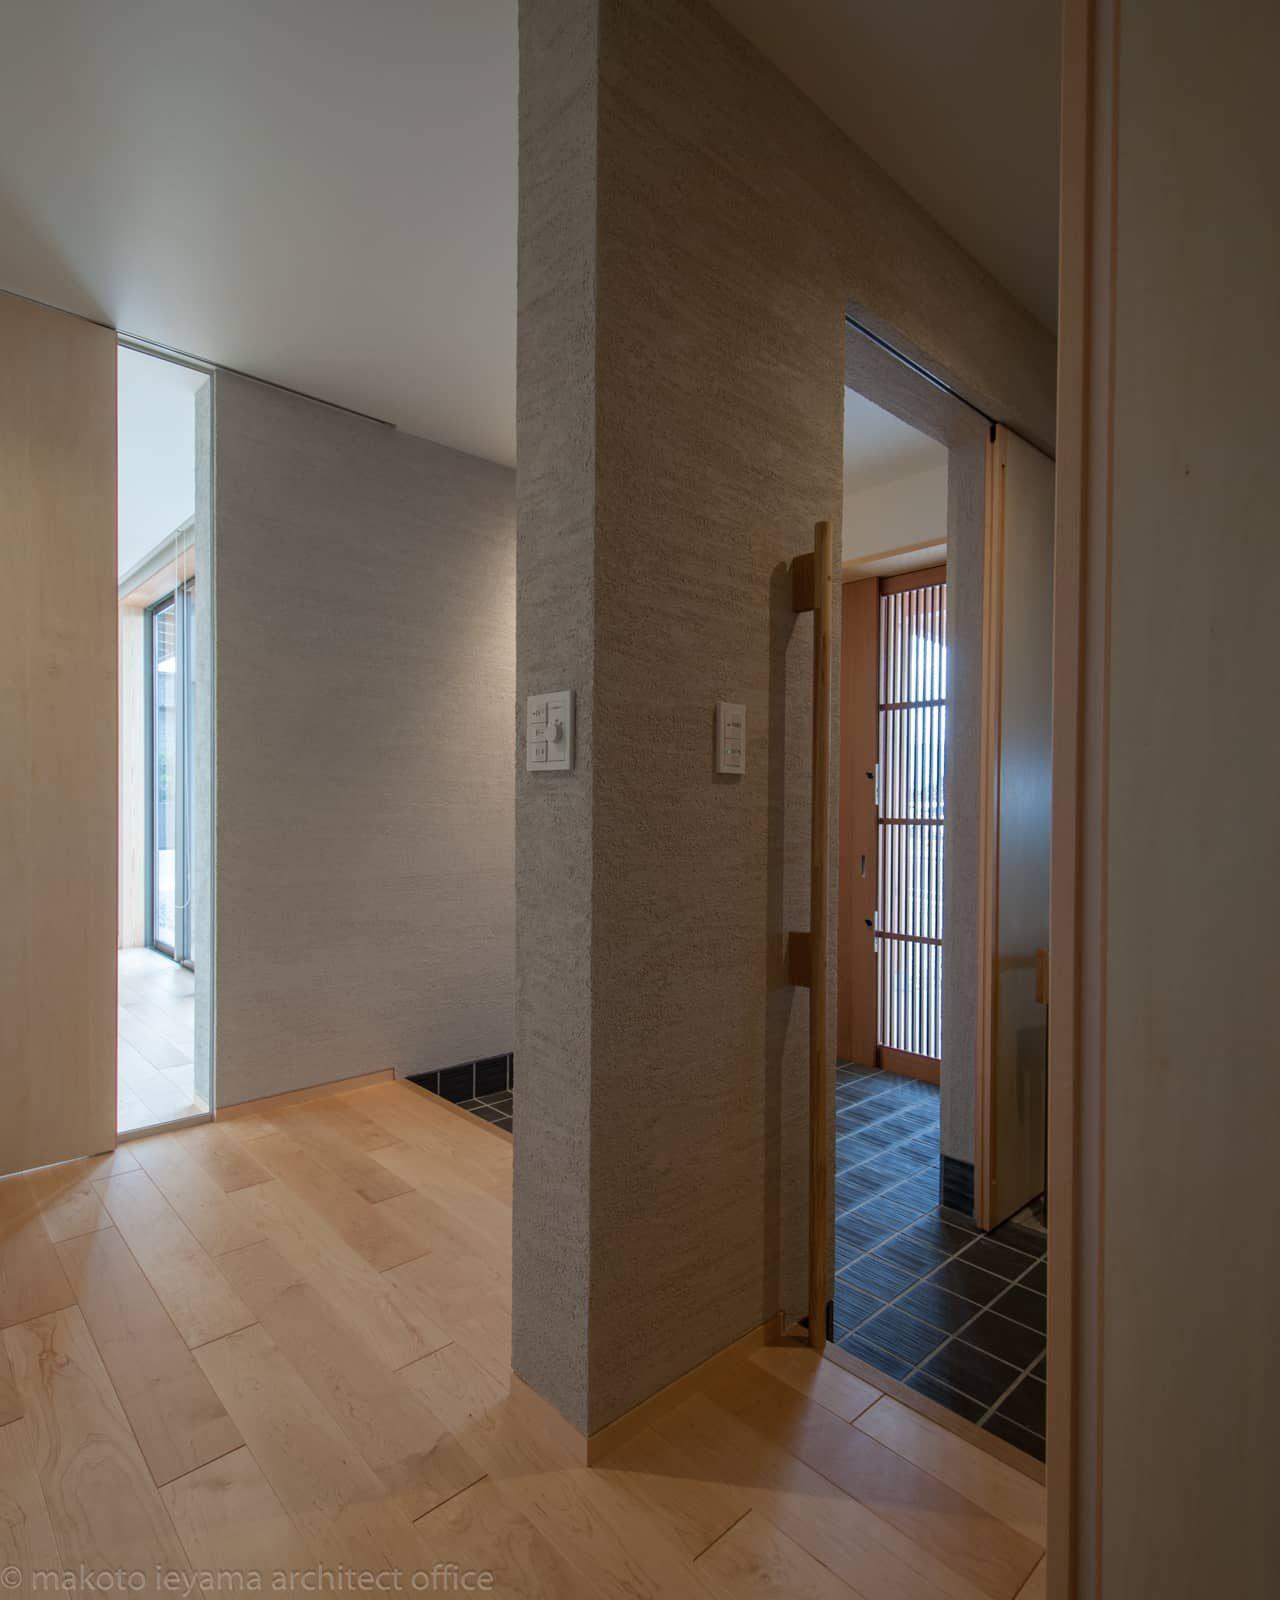 南砺市の家 内玄関と玄関ホール